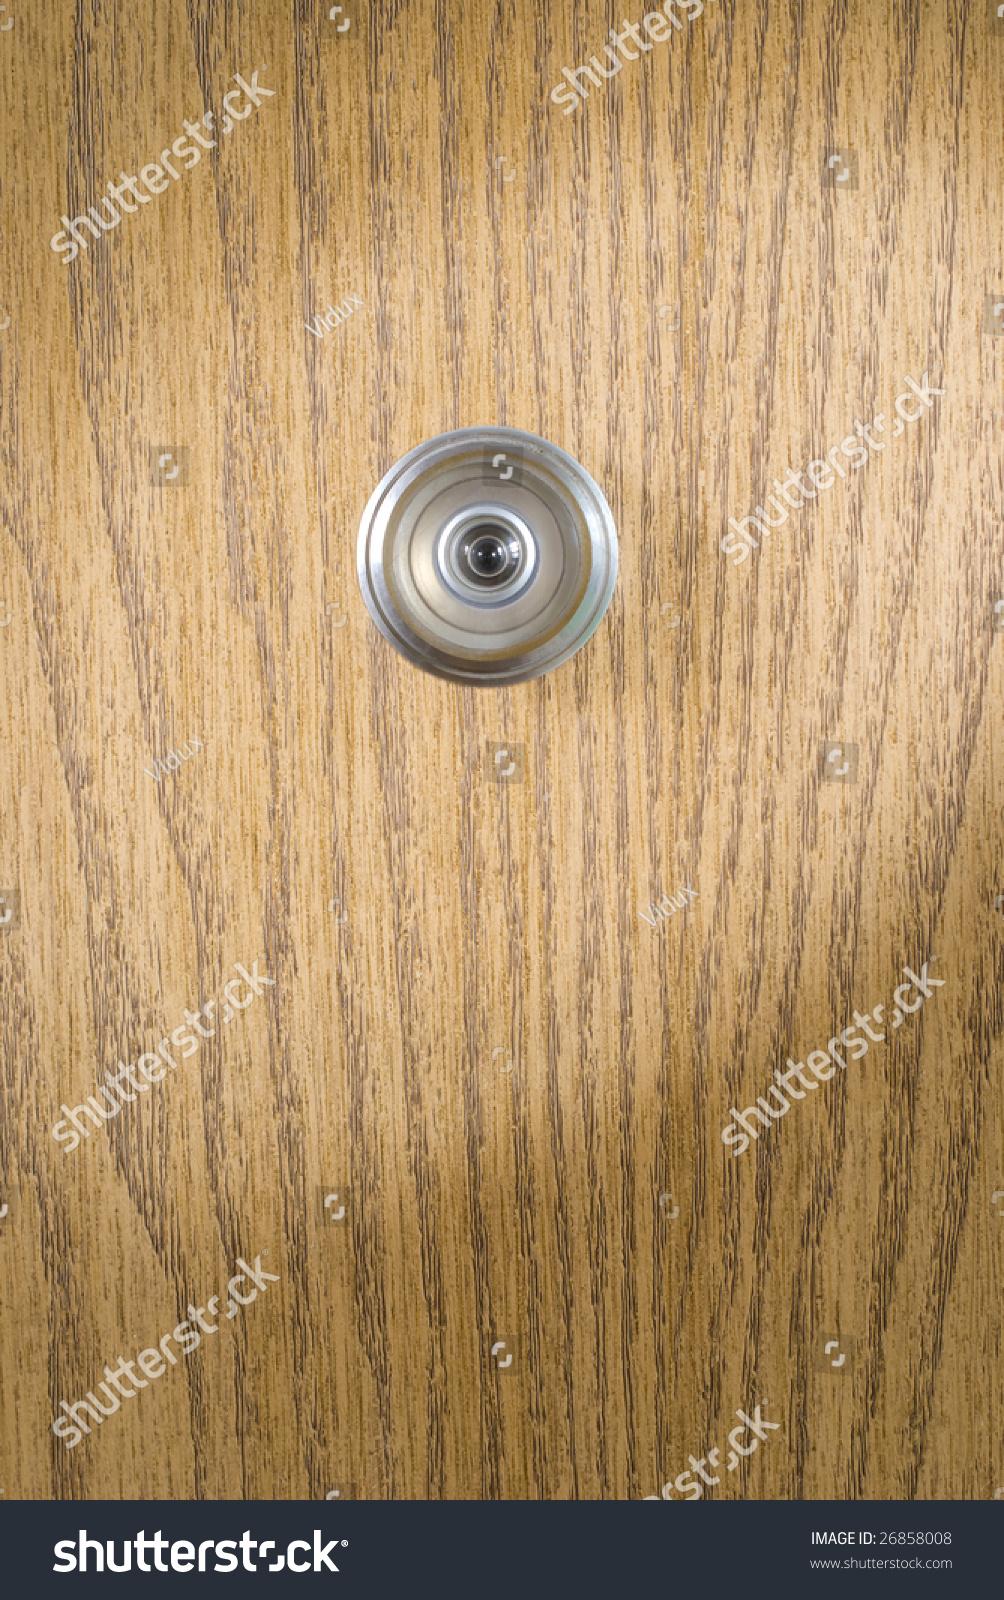 Spy hole of doors & Spy Hole Doors Stock Photo (Royalty Free) 26858008 - Shutterstock